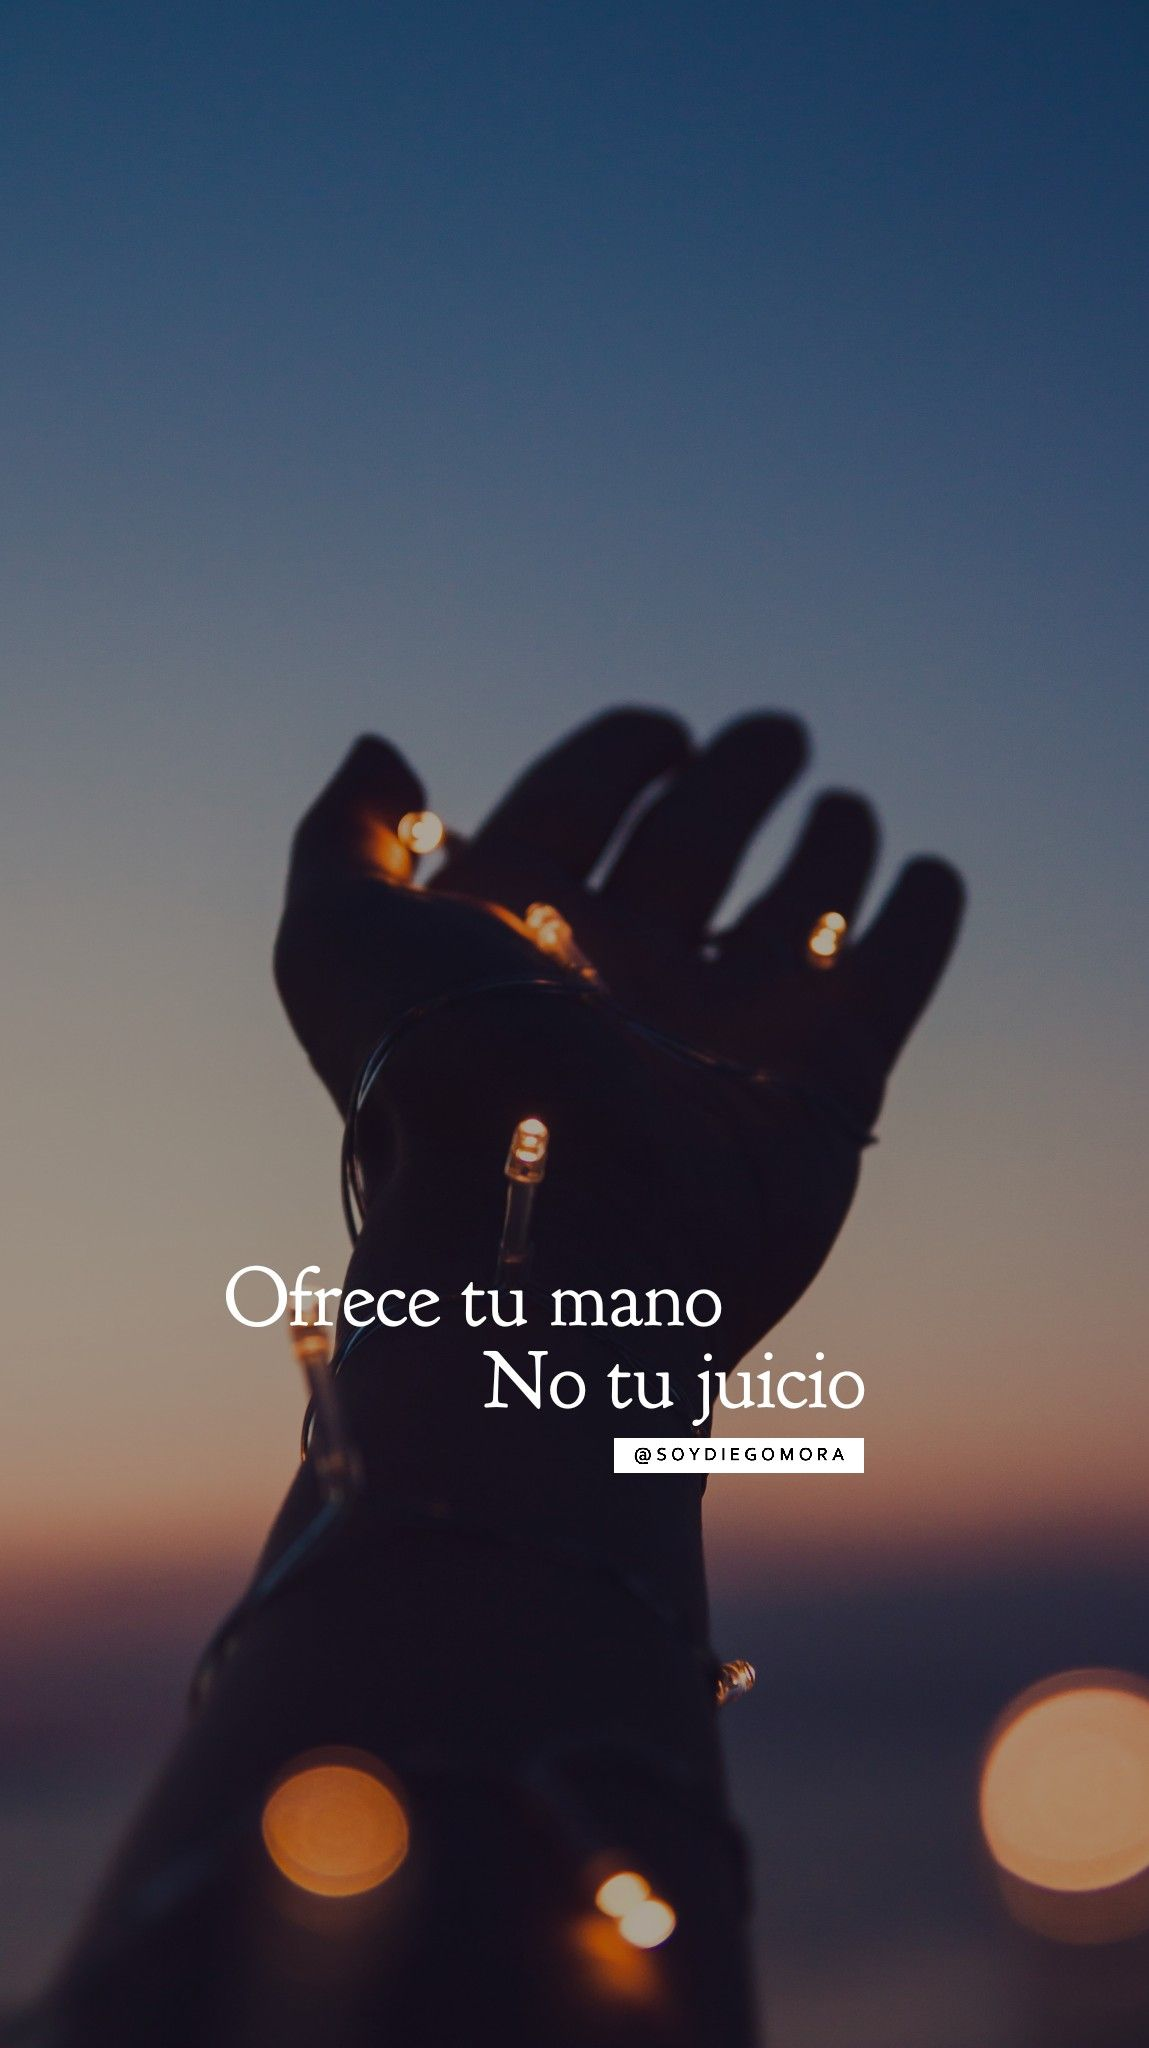 """Ayuda a quien te necesite, agradece el estar en el lugar del """"dar"""" y no del """"necesitar"""" No juzgues a otros por sus decisiones, sí estuvieras en su lugar hubieses hecho lo mismo #CumpleTuProposito #NuncaTeRindas @soyDiegoMora"""